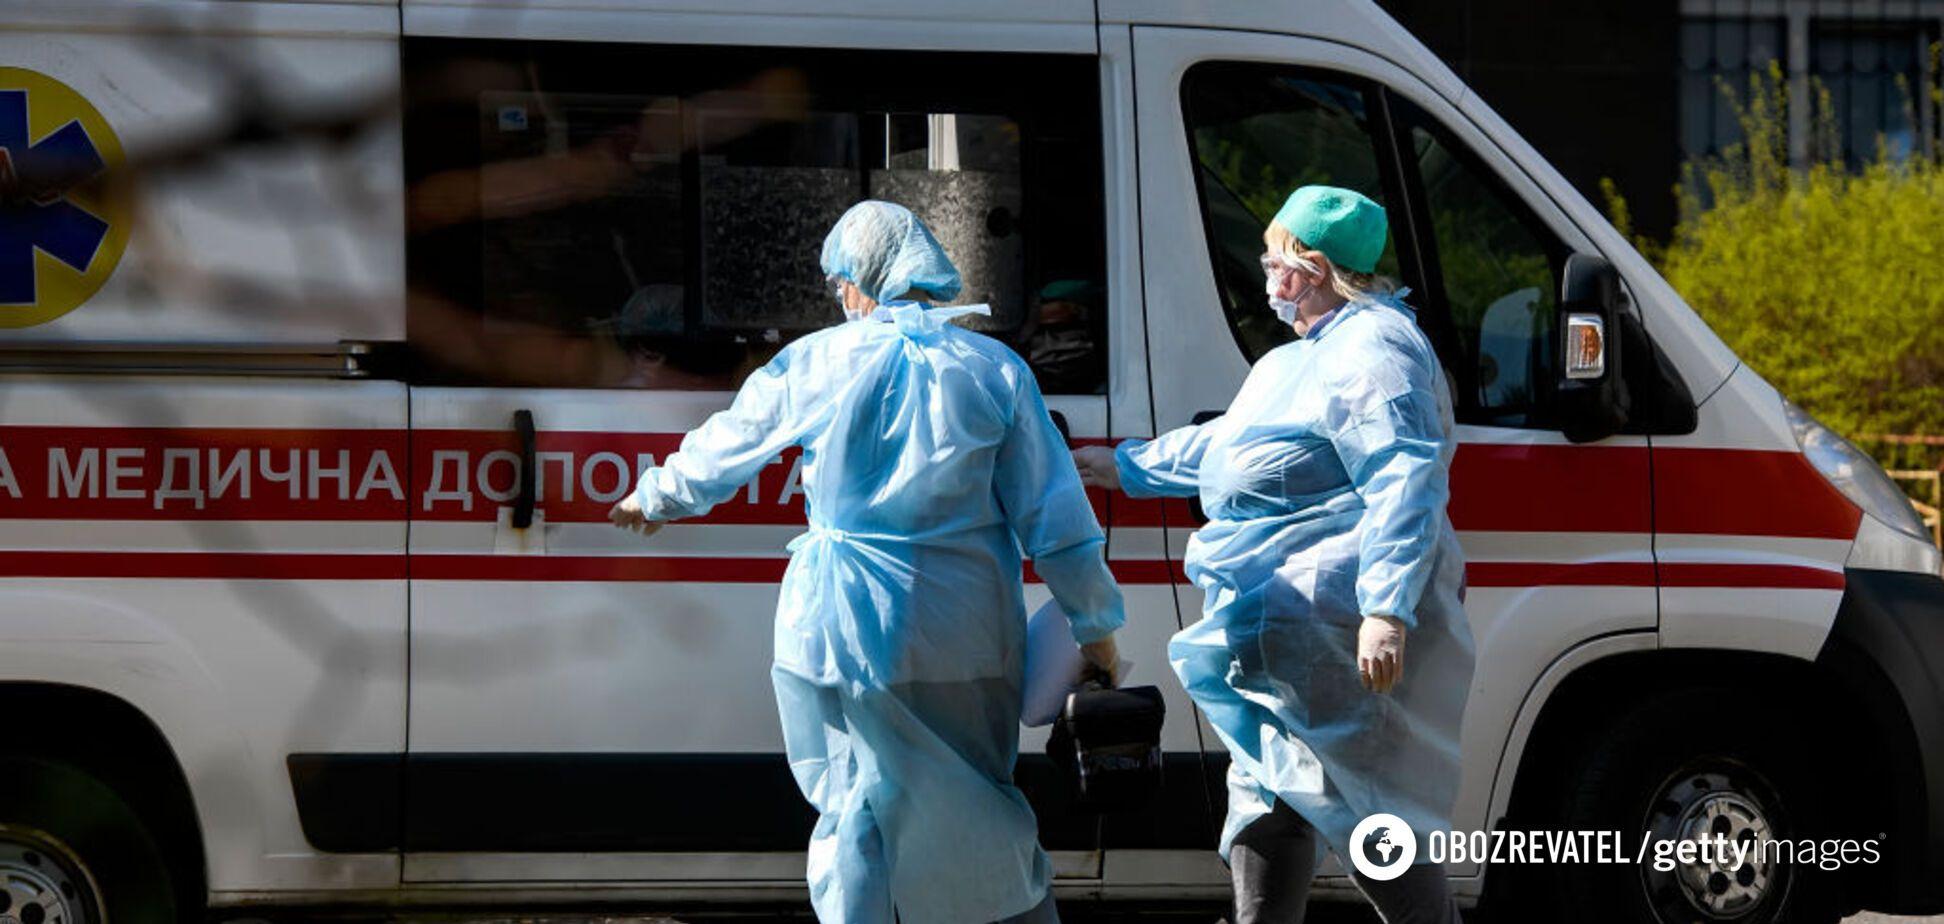 Перебувала тиждень під ШВЛ: у Львові лікарі врятували 5-річну дівчинку з коронавірусом. Відео